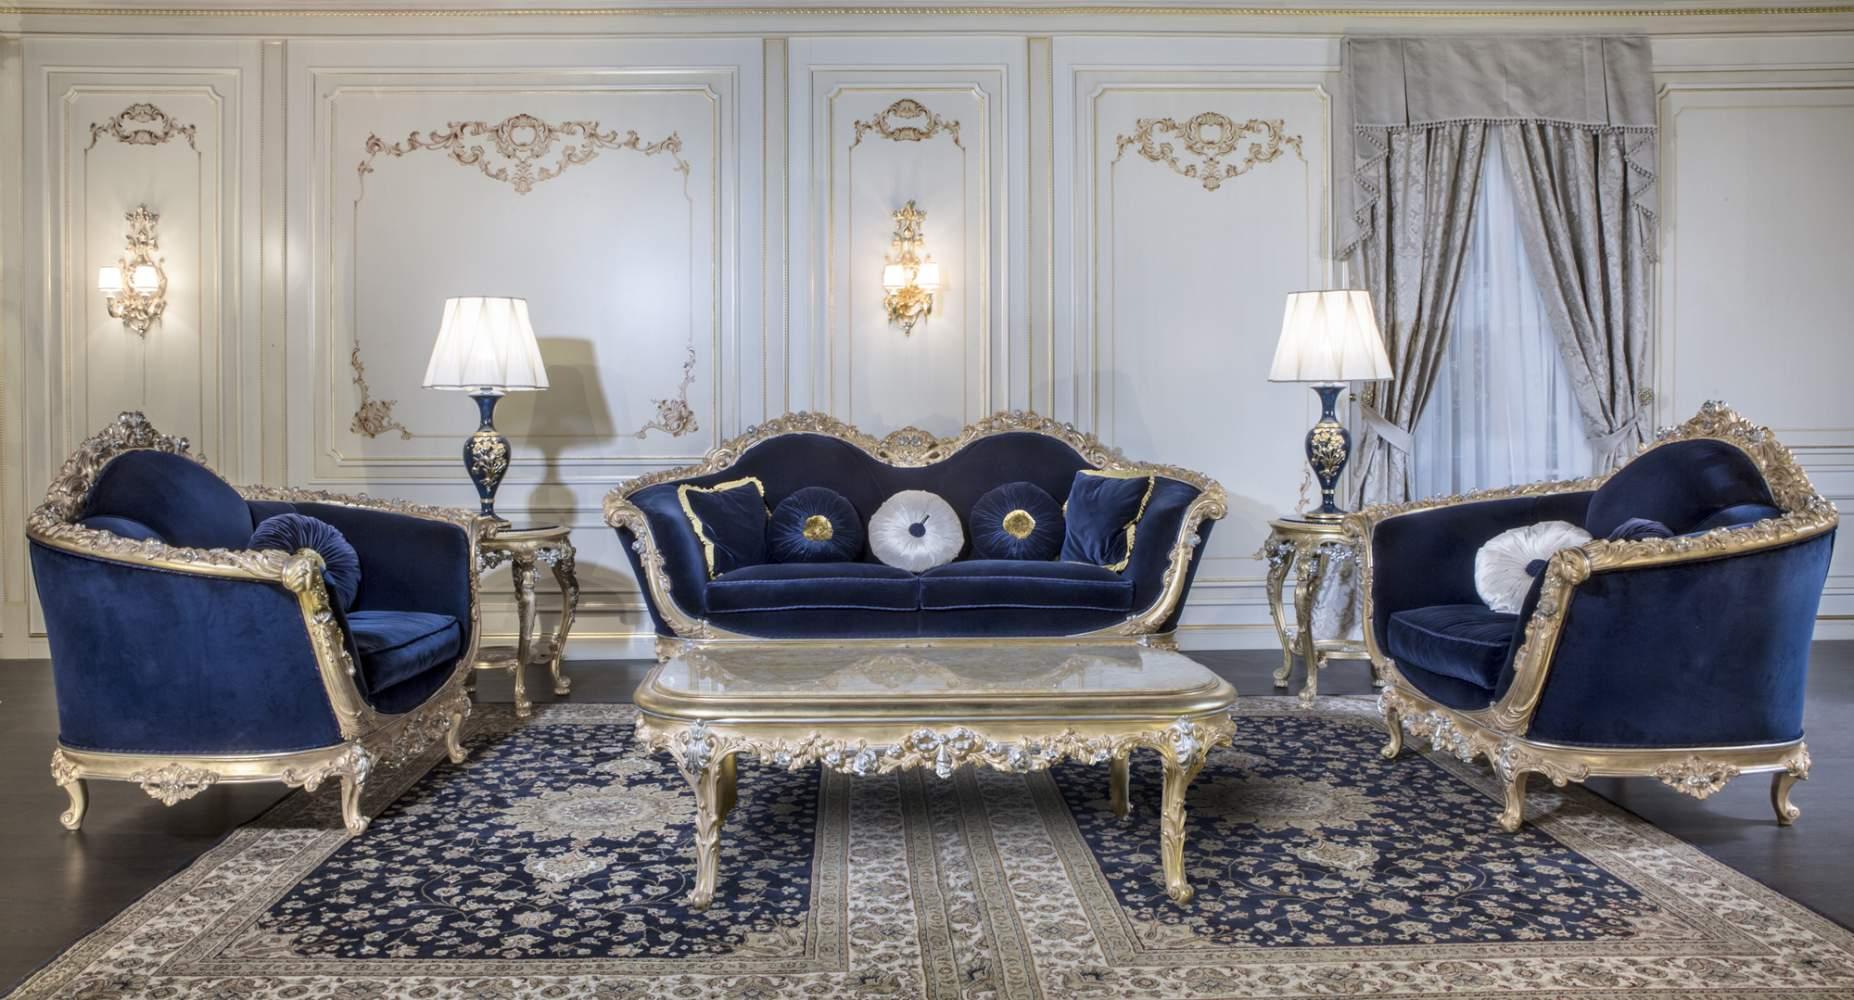 Salotto di lusso stile barocco empire vimercati meda for Salotti di lusso